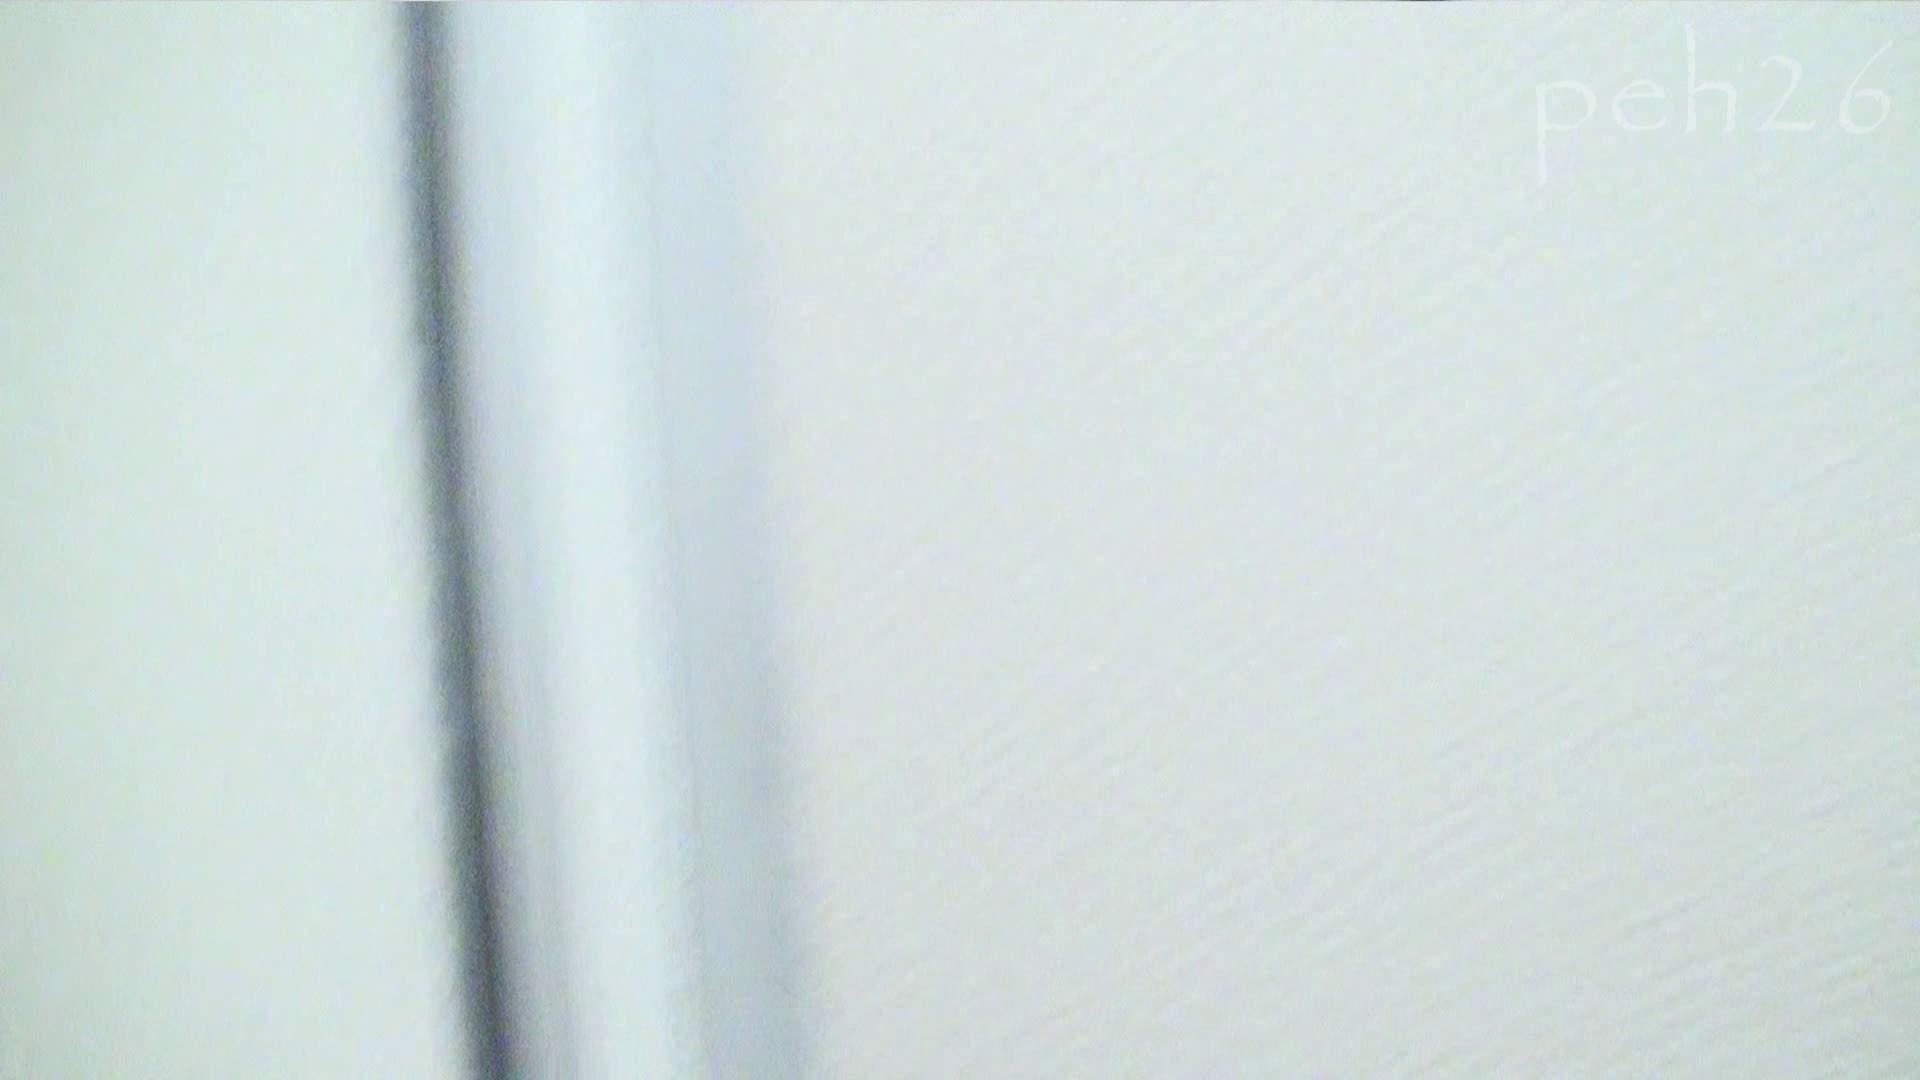 ※100個限定販売 至高下半身盗撮 プレミアム Vol.26 ハイビジョン OL | 盗撮エロすぎ  39連発 22